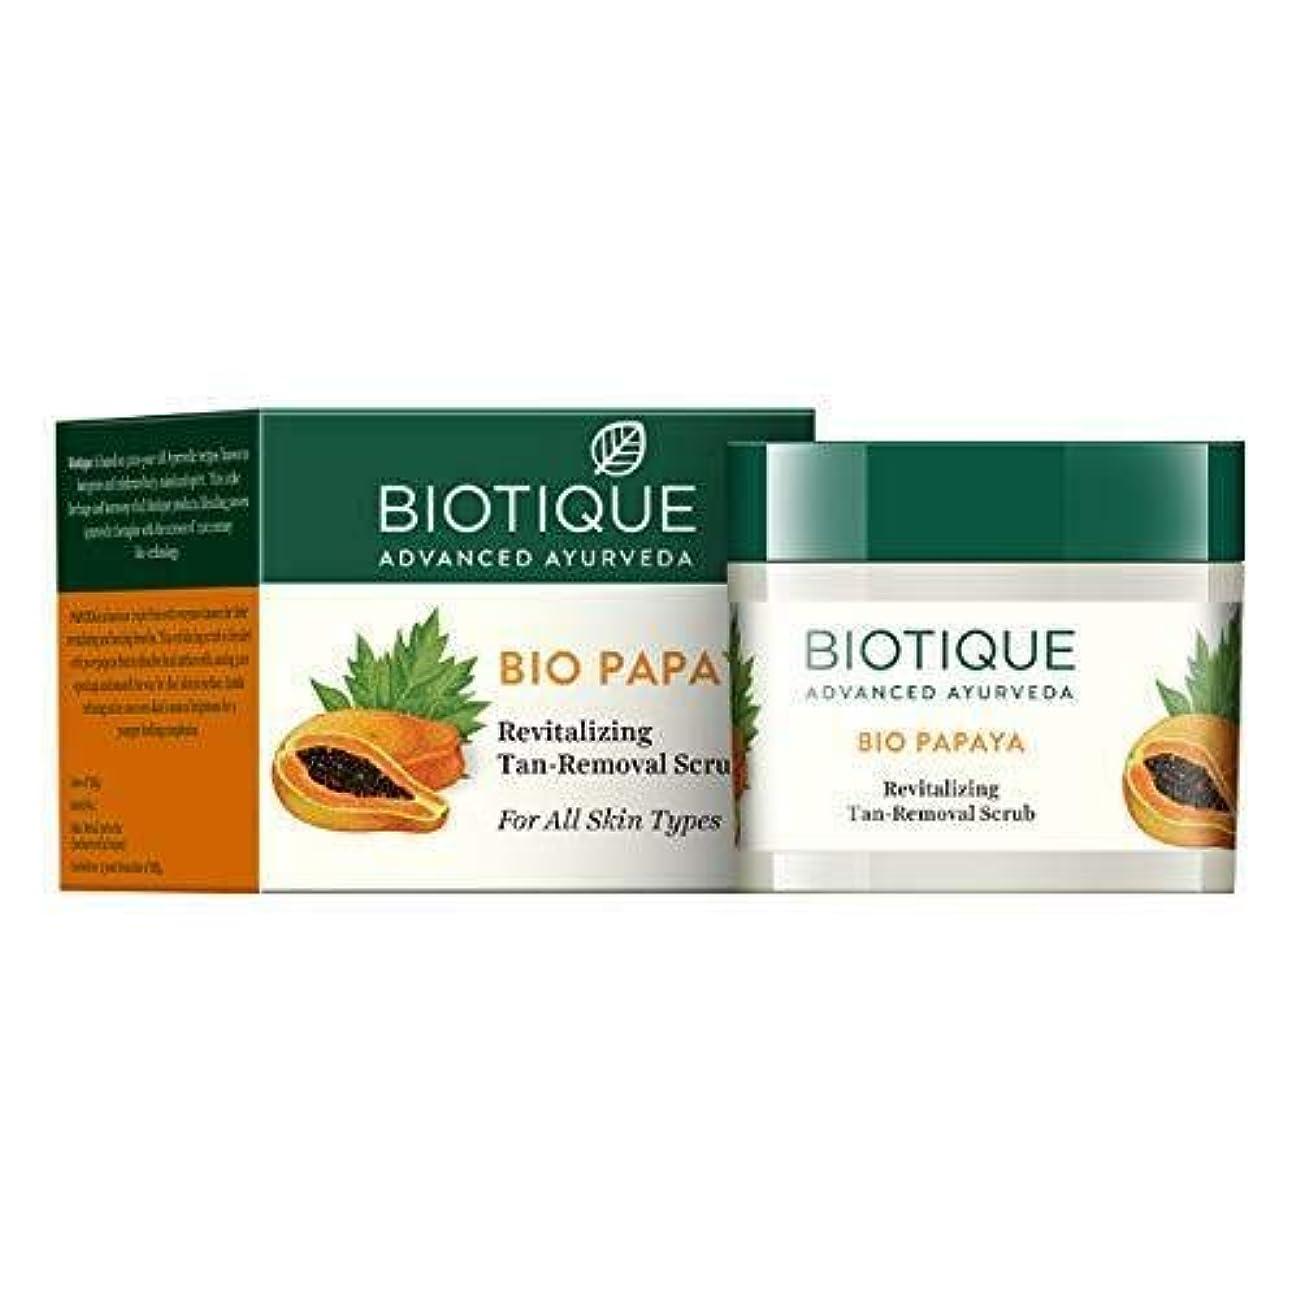 ネックレス怪物重荷Biotique Bio Papaya Revitalizing Tan Removal Scrub for All Skin Types 75g すべての肌タイプのための日焼け除去スクラブを活性化させるBiotique...